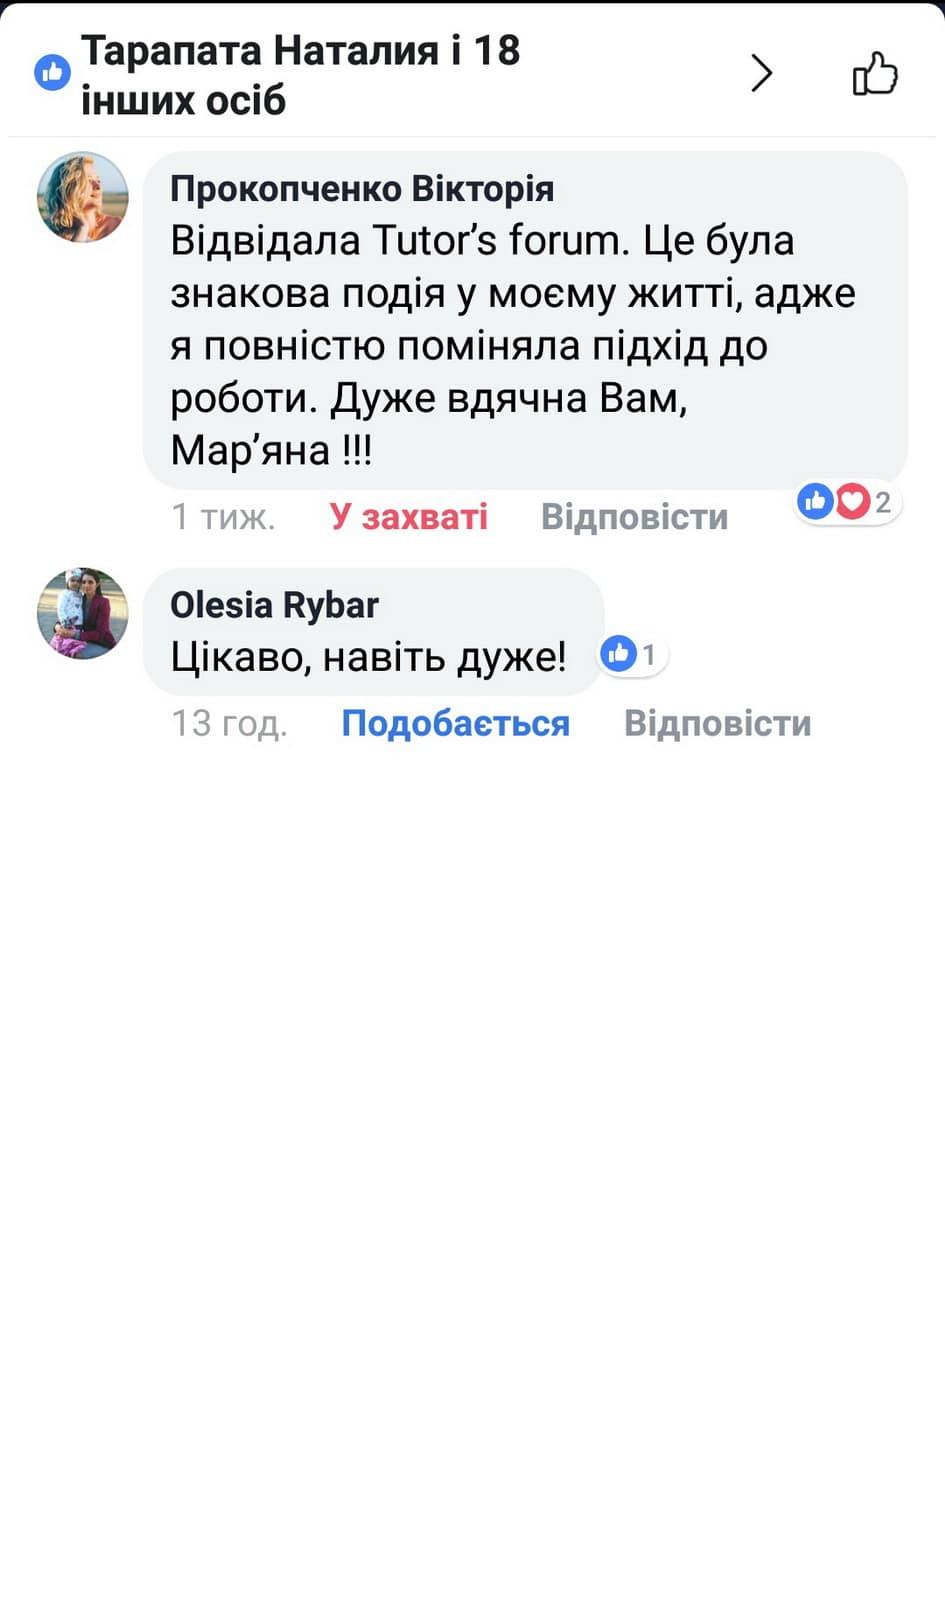 vidhuk-tf-8-min